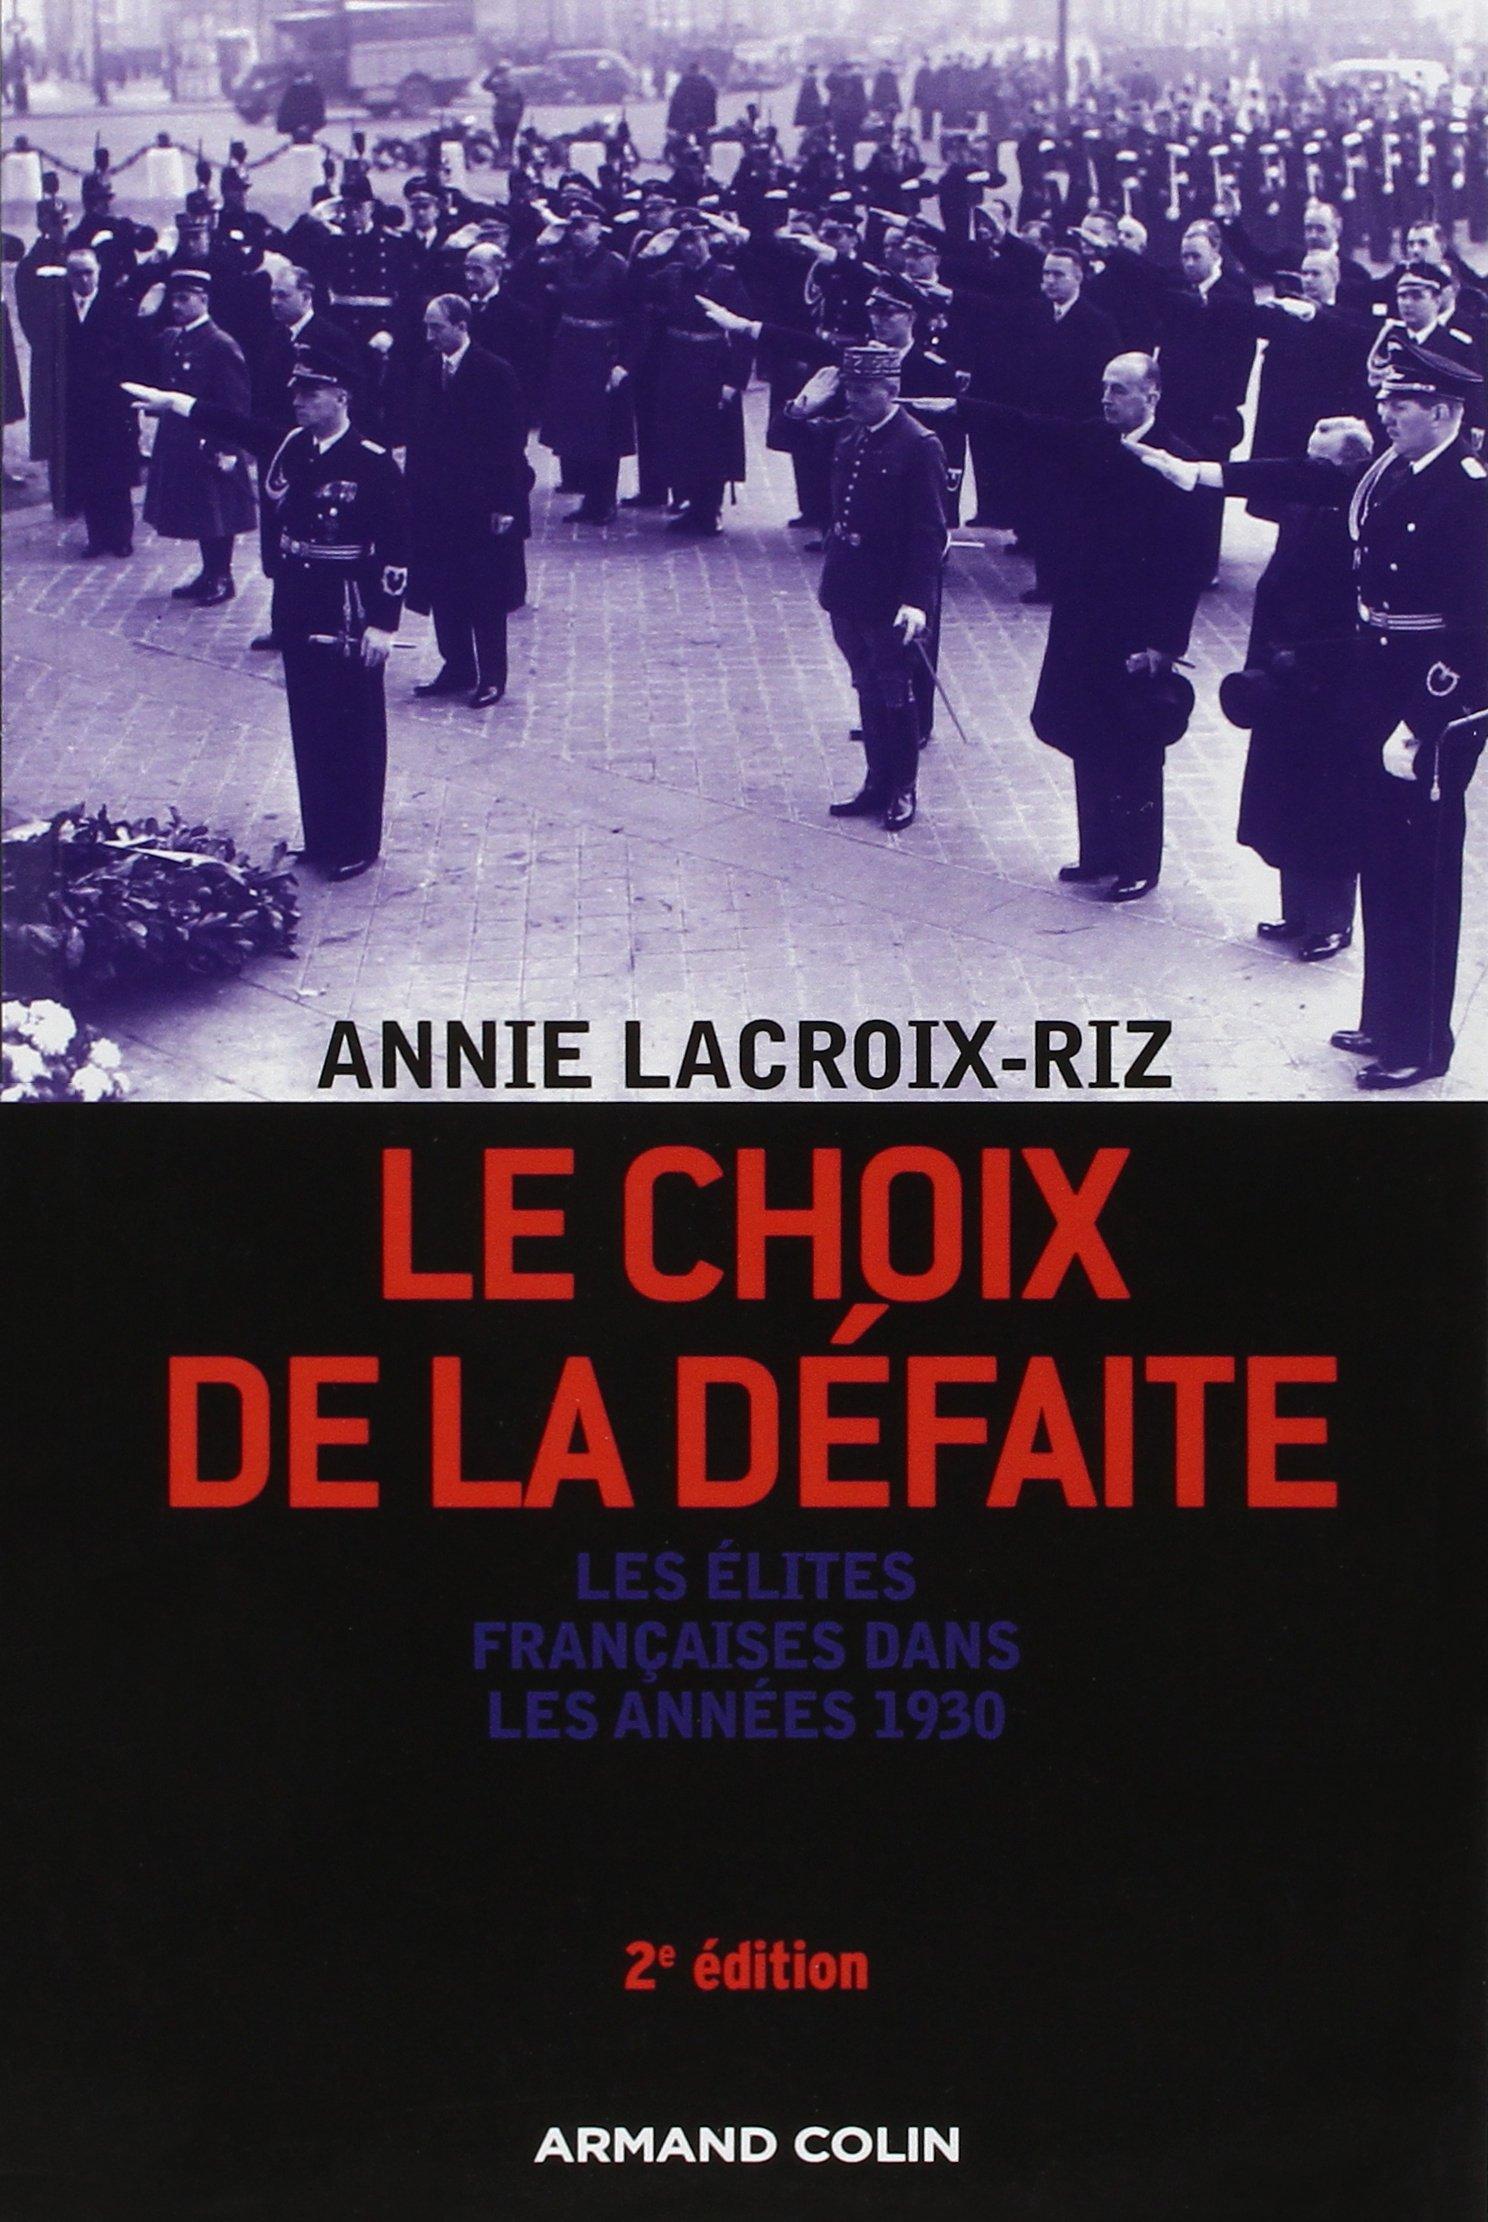 Обложка книги Анни Лакруа-Риз «Выбор поражения»